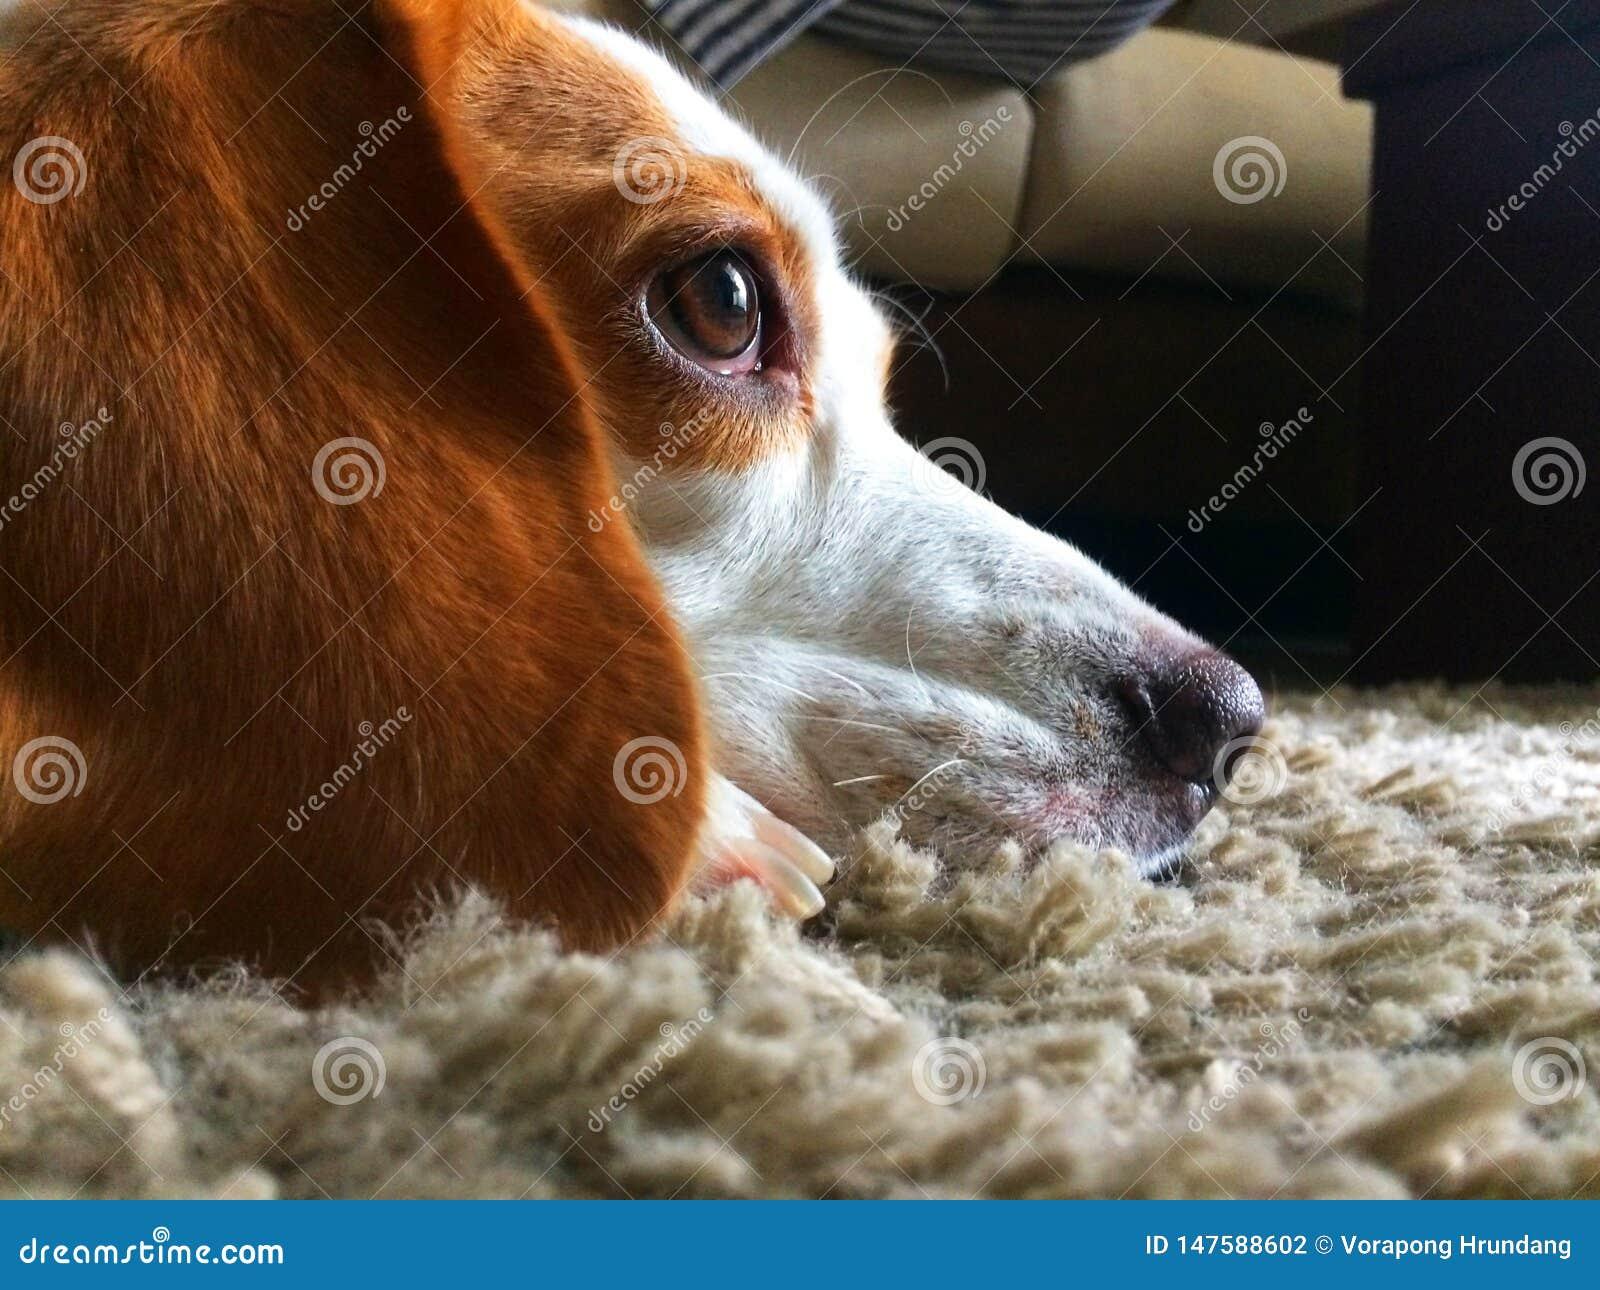 Собака смотрит вперед на сером ковре